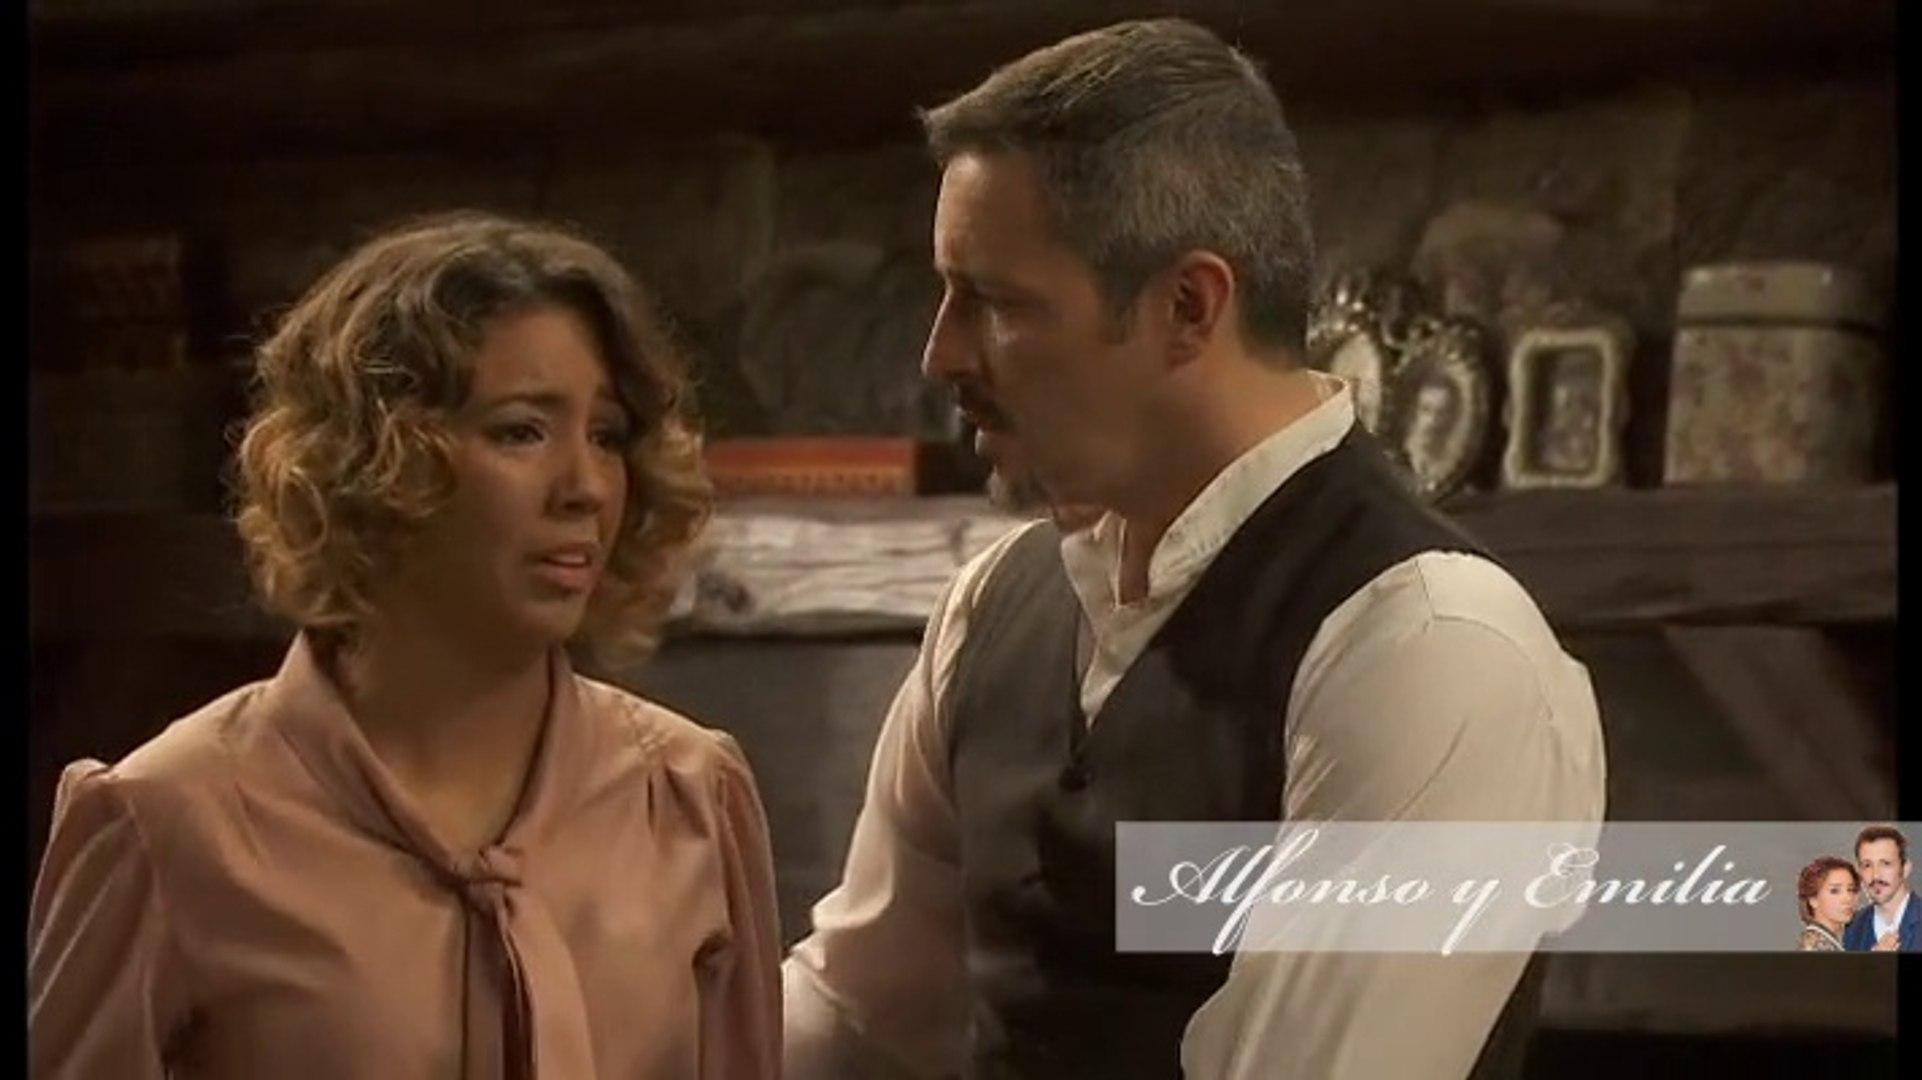 Alfonso y Emilia 612. Los familiares de Alfonsito llegan al pueblo.